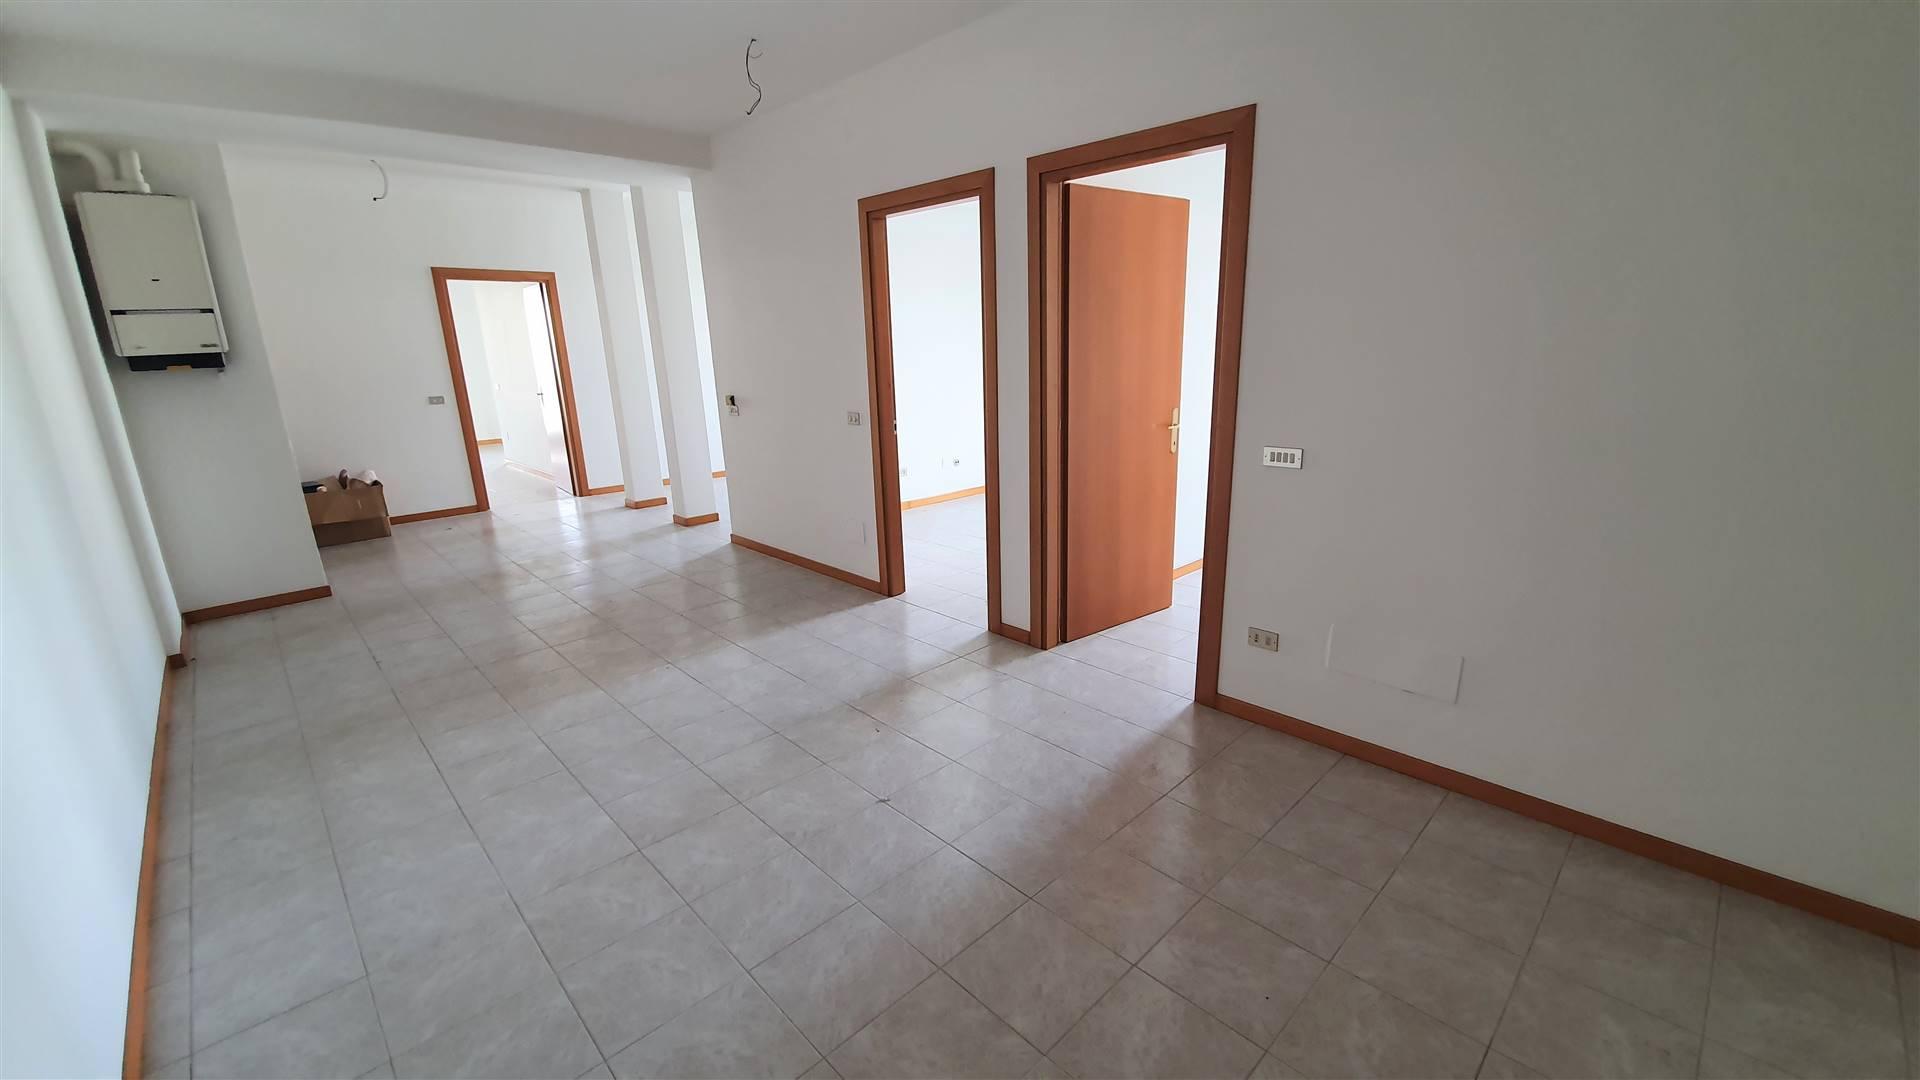 Ufficio / Studio in vendita a Este, 6 locali, prezzo € 78.000 | CambioCasa.it